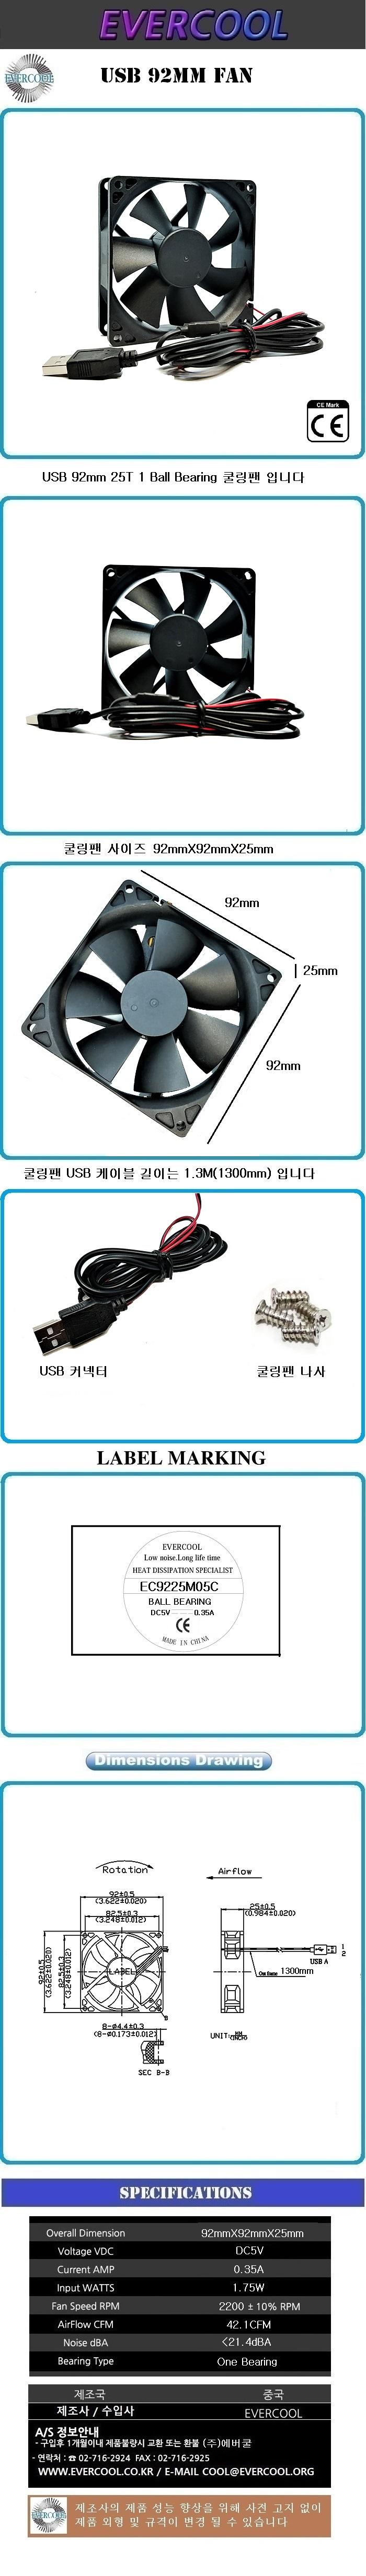 EVERCOOL USB FAN 92MM